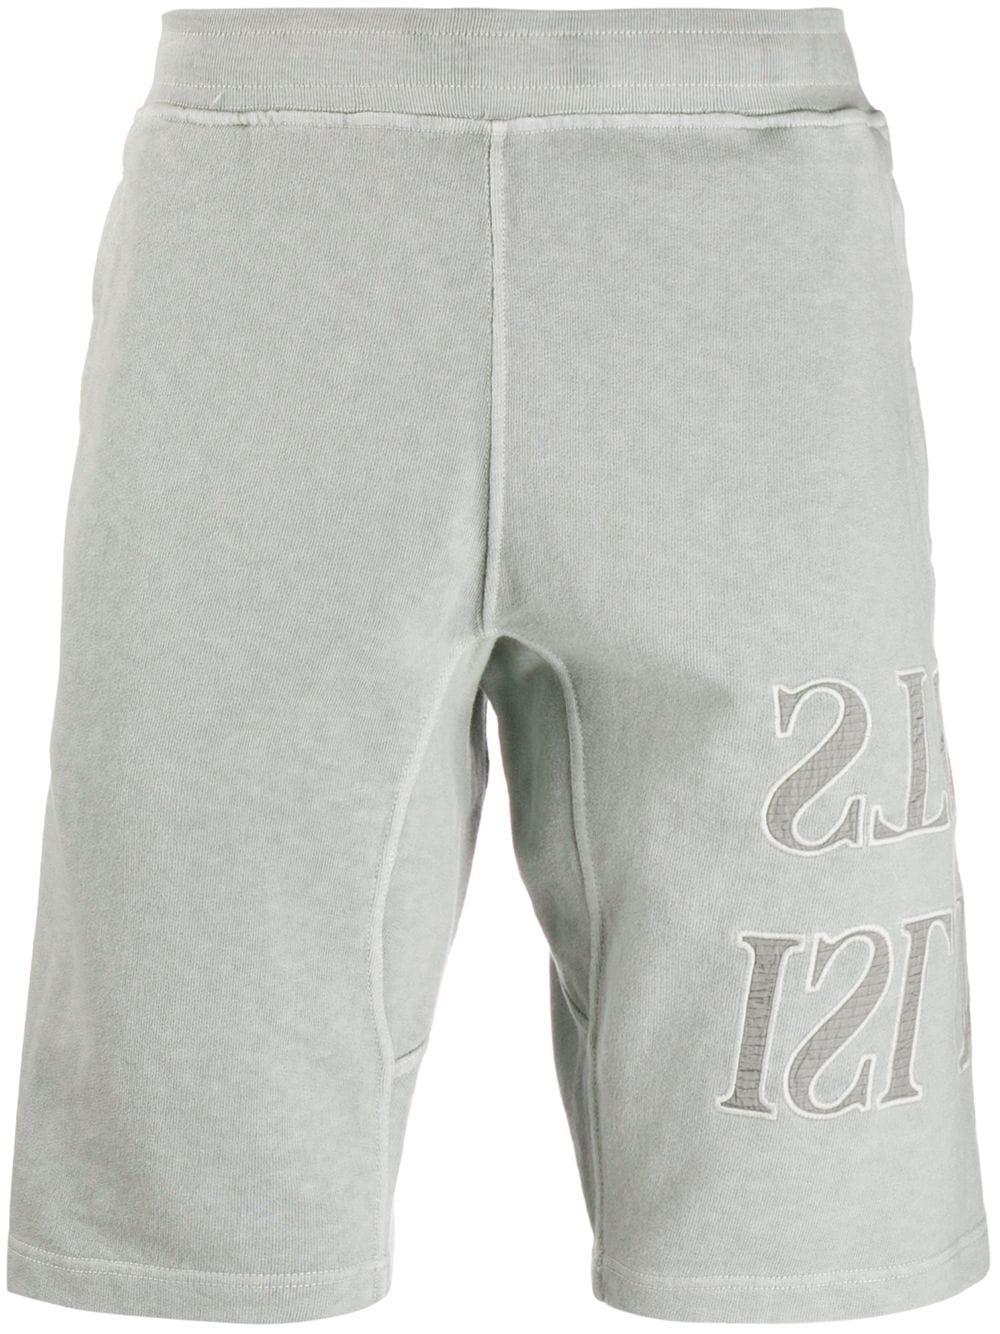 Stone Island | Stone Island шорты с вышитым логотипом | Clouty